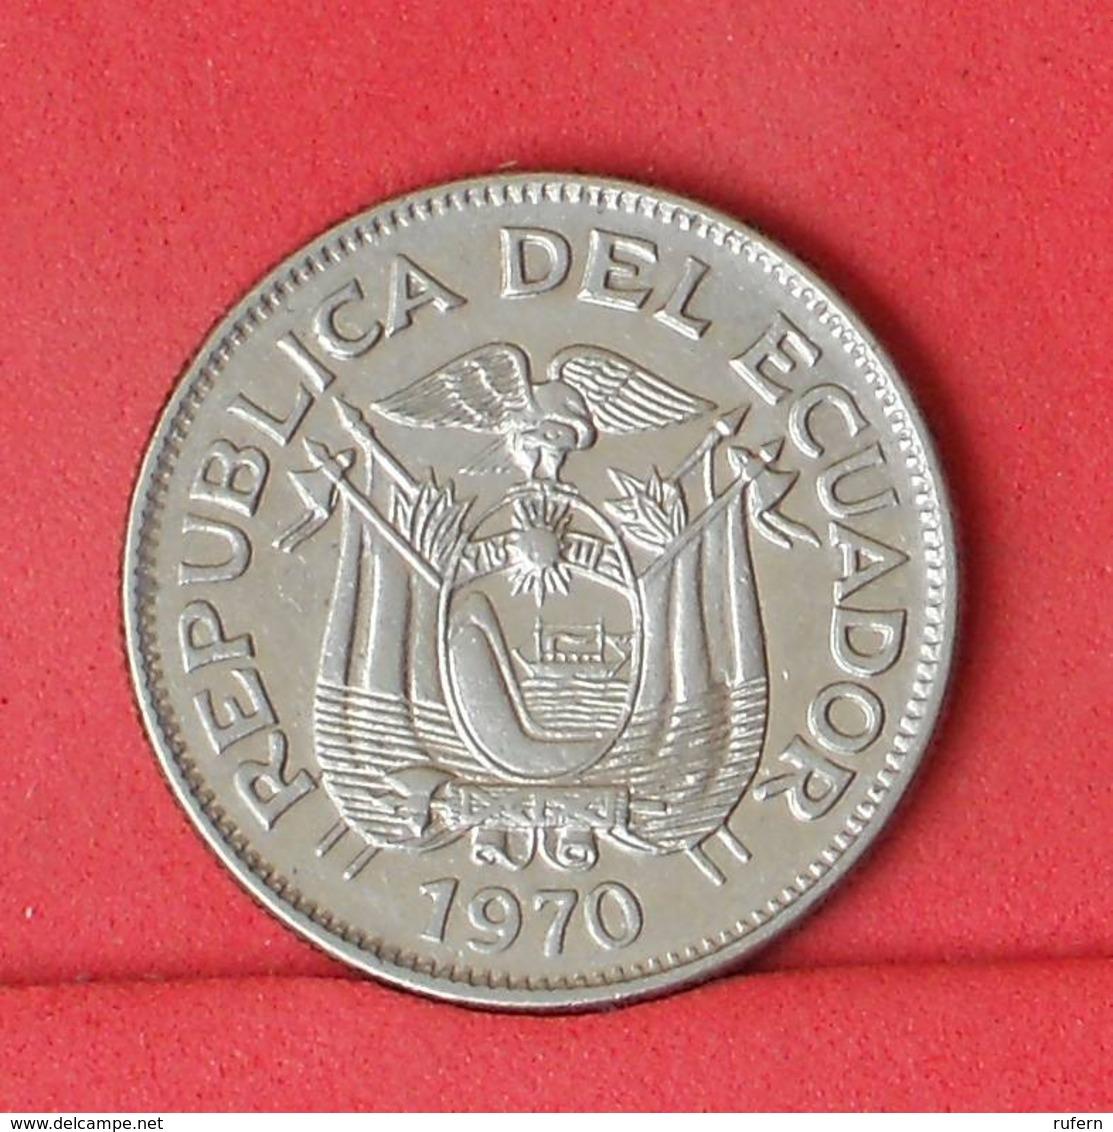 ECUADOR 1 SUCRE 1970 -    KM# 78b - (Nº31461) - Ecuador